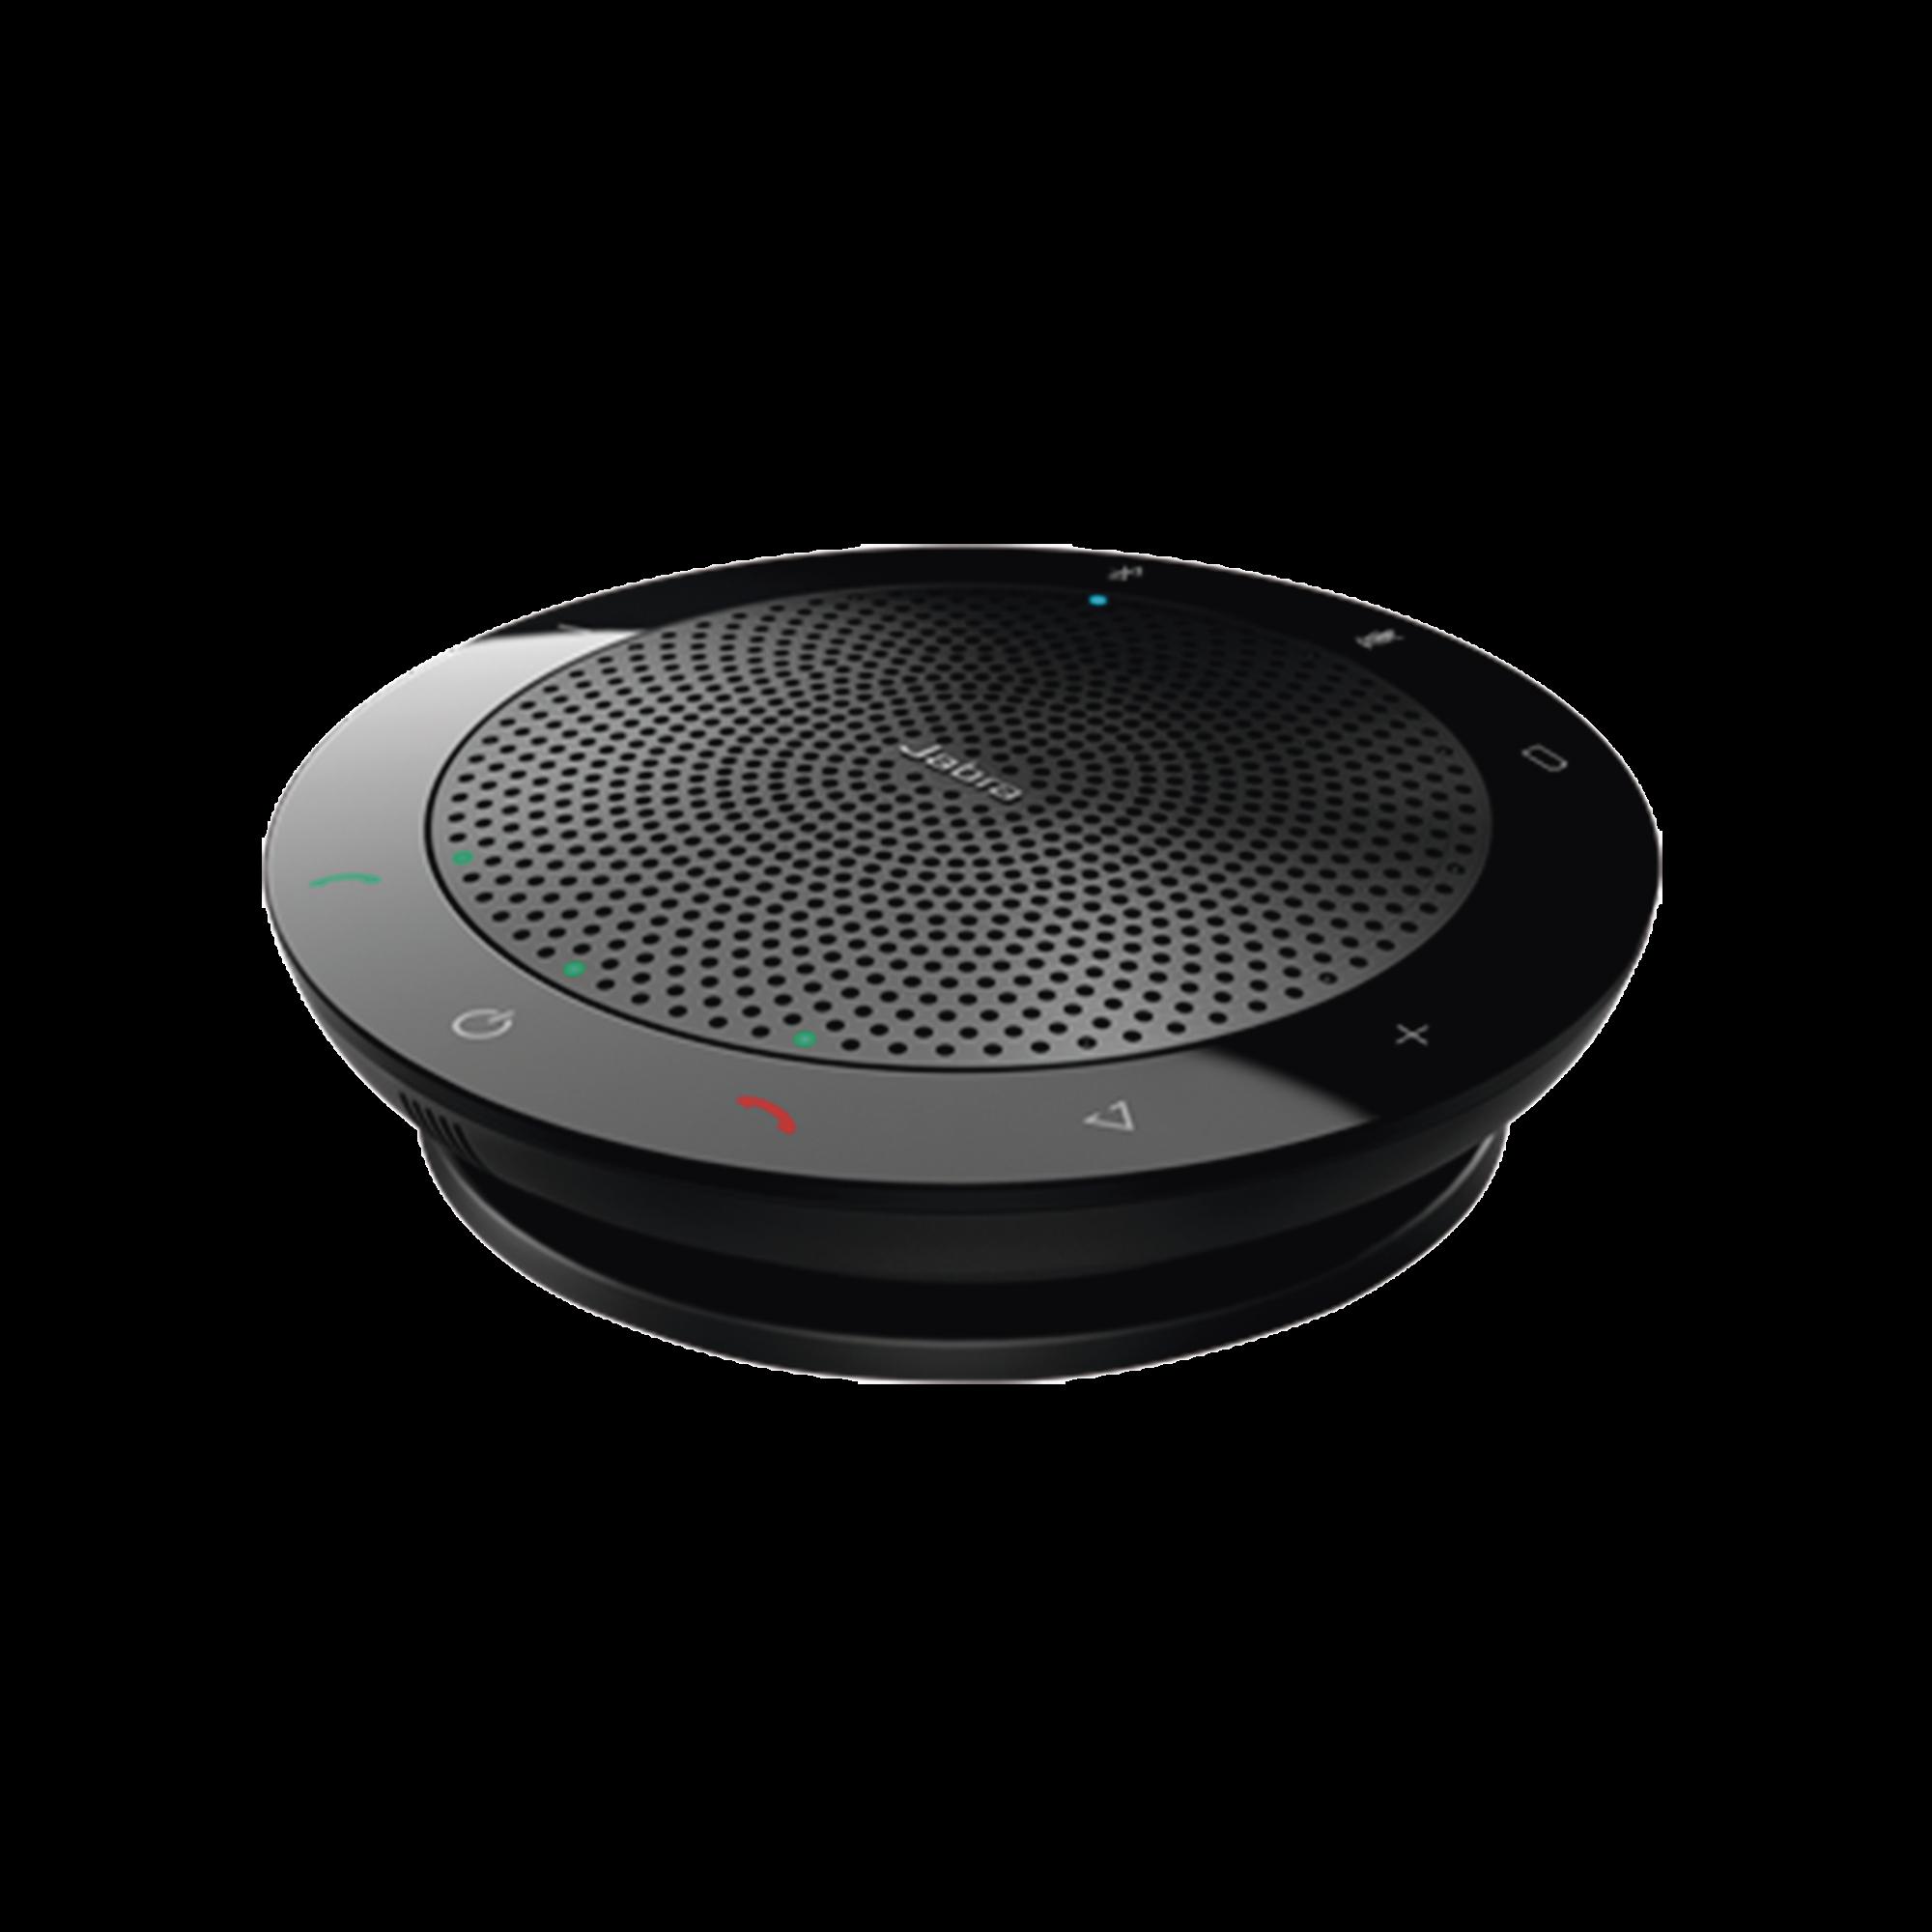 Speak 510, Altavoz con microfono, portatil, de gama media ideal para conferencias de audio (7510-209)